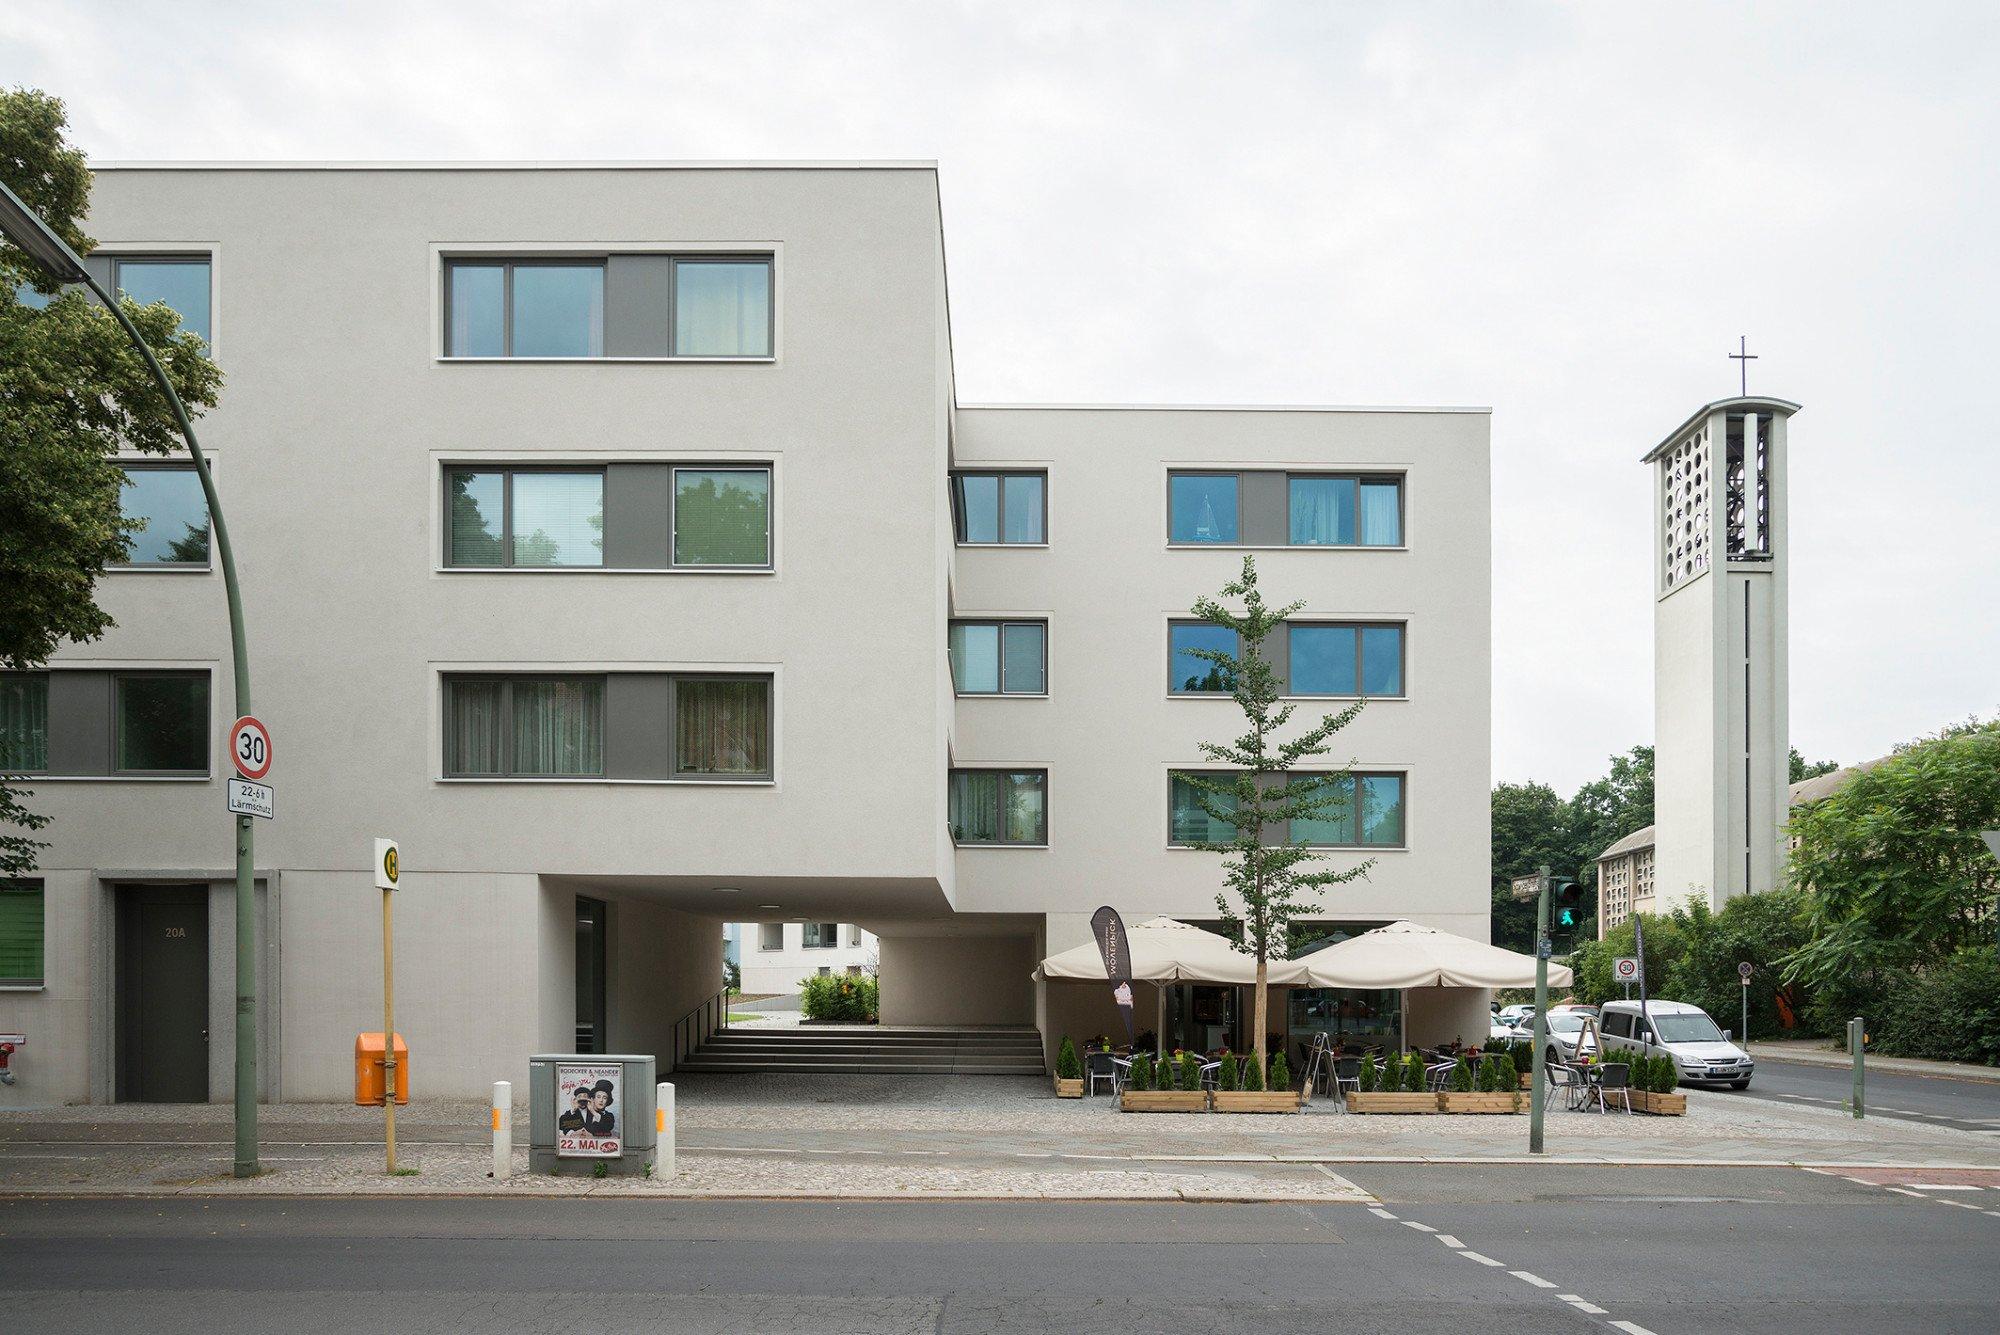 wohnanlage schwyzer stra e in berlin gesund bauen. Black Bedroom Furniture Sets. Home Design Ideas